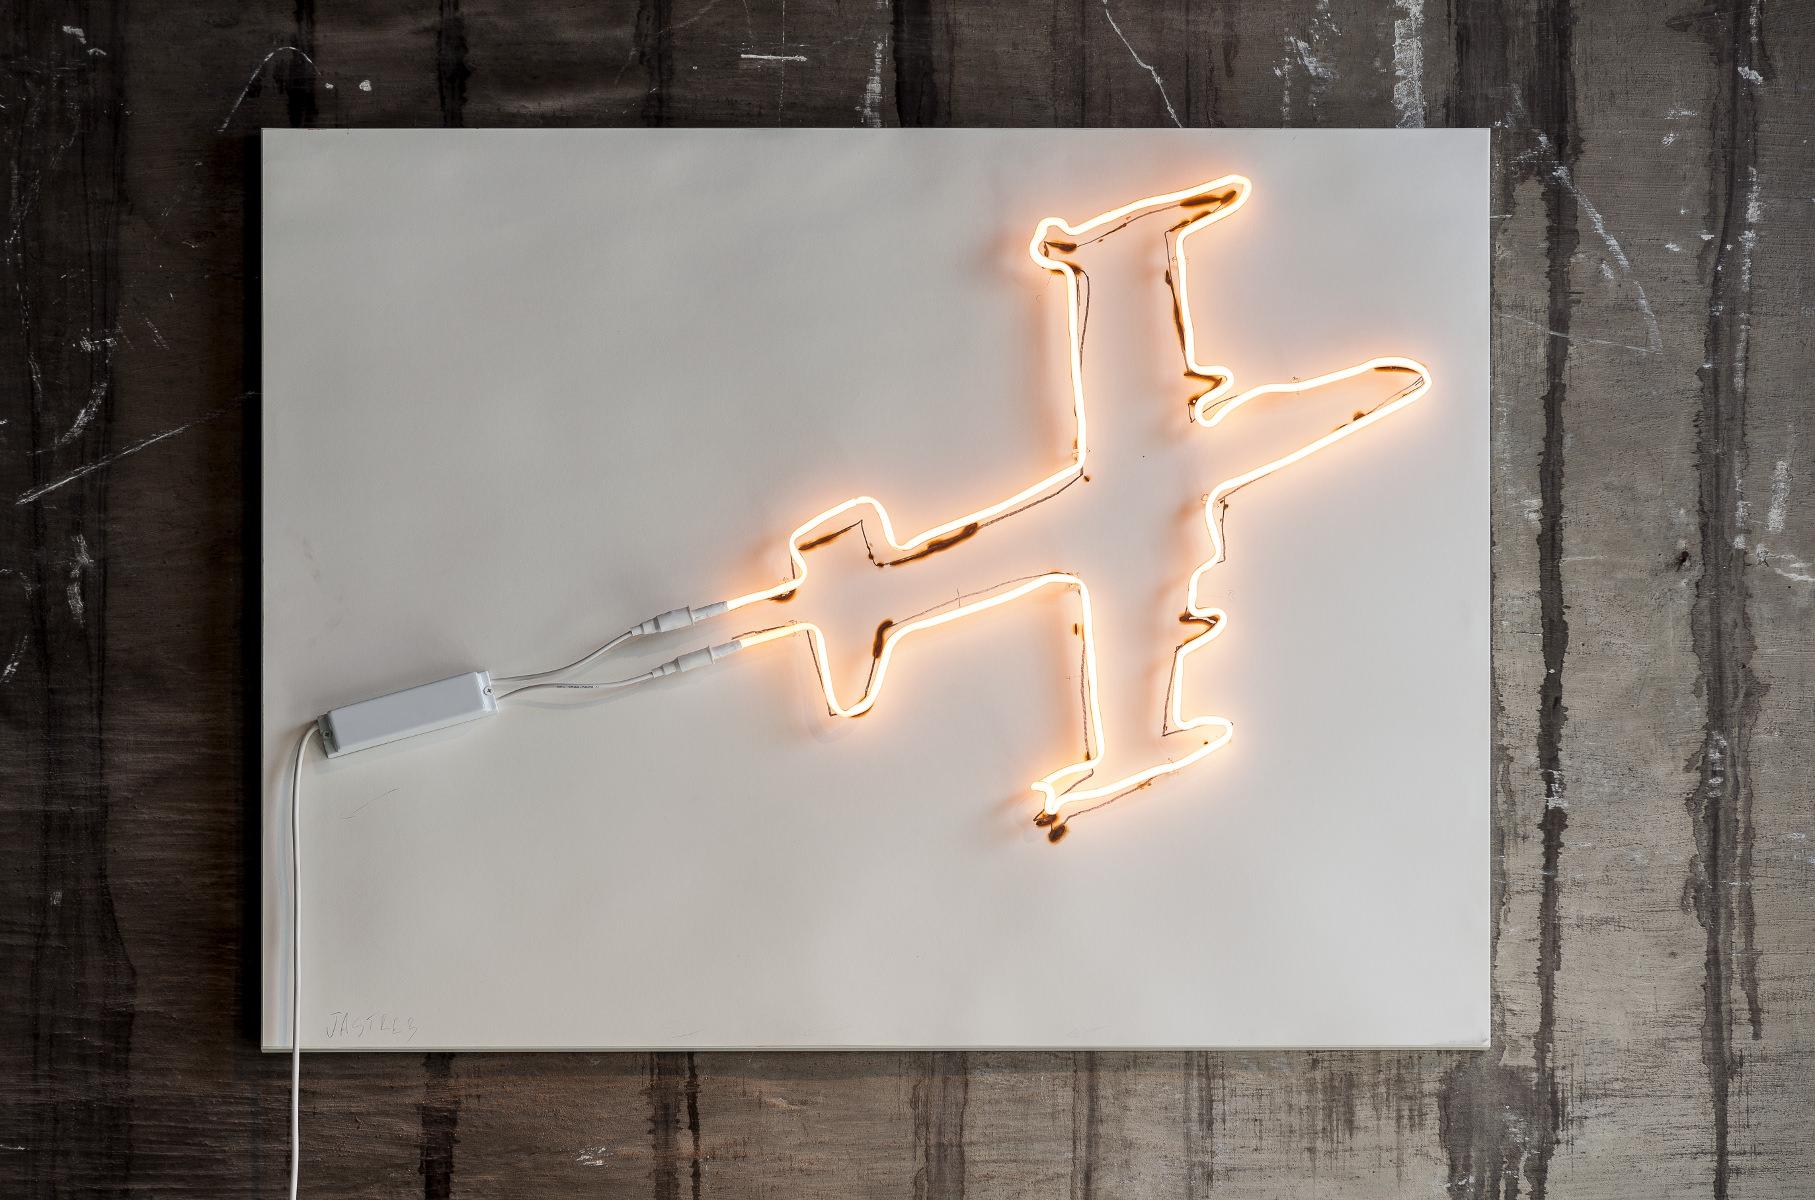 Fiona Banner - Jastreb (Neon Jet)